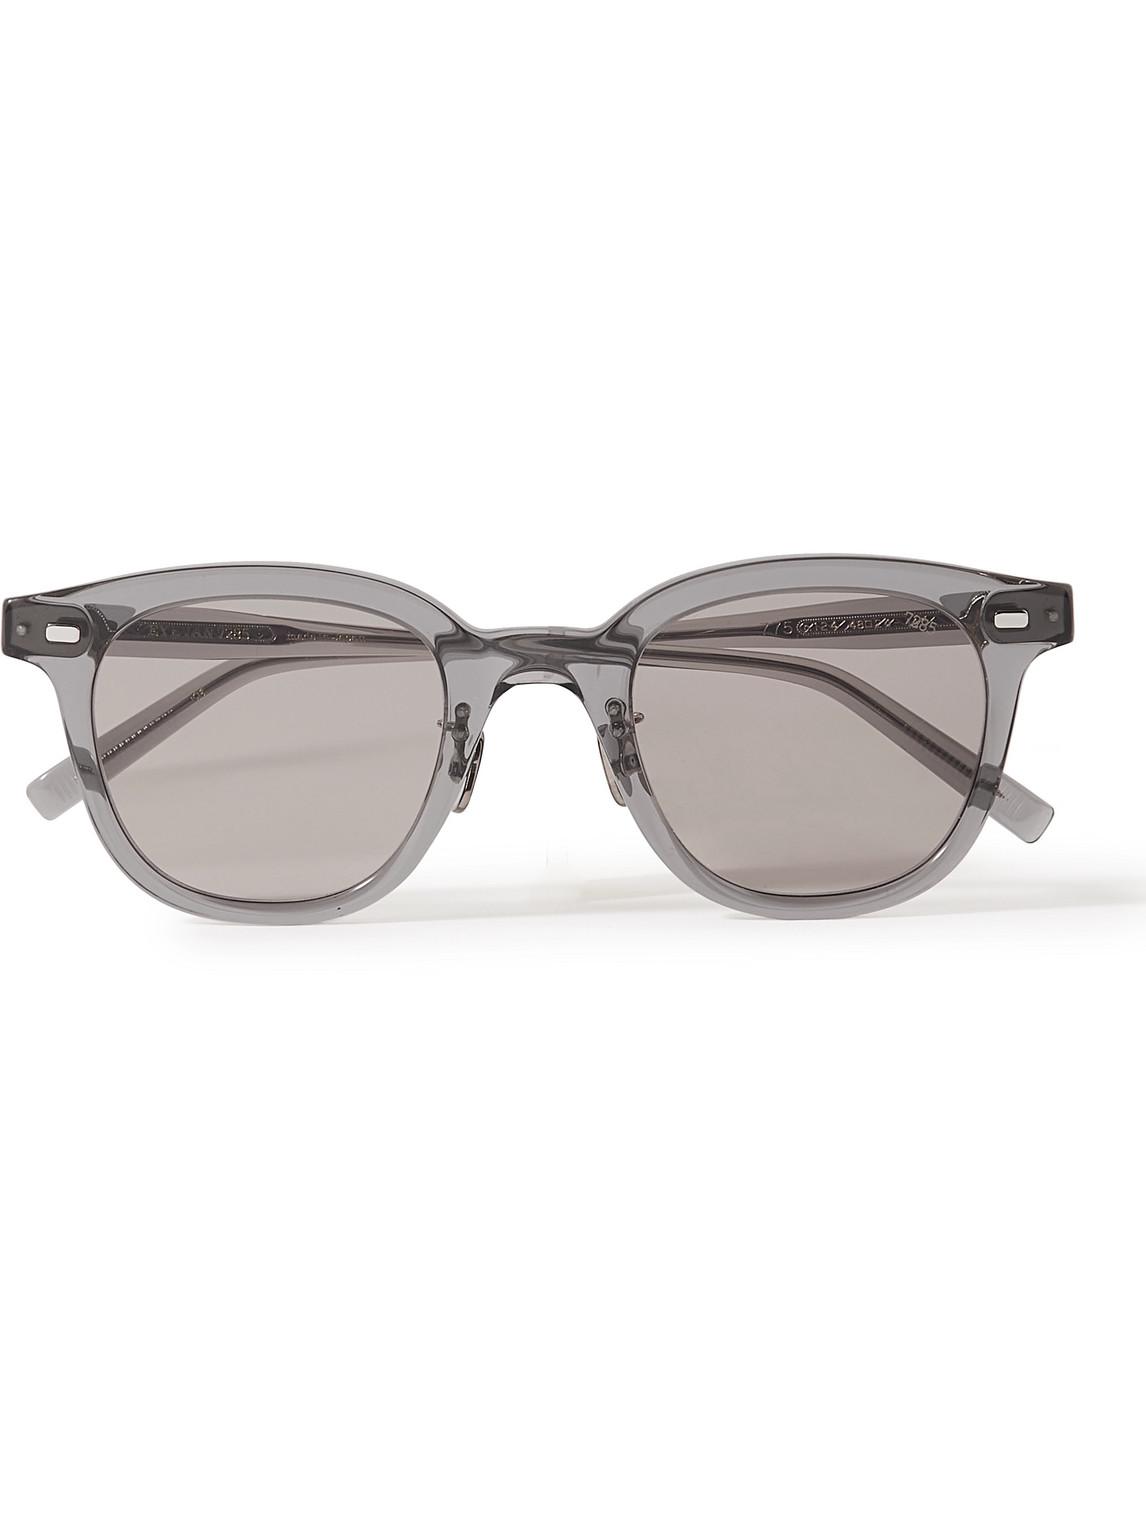 eyevan 7285 - 775 square-frame acetate sunglasses - men - gray